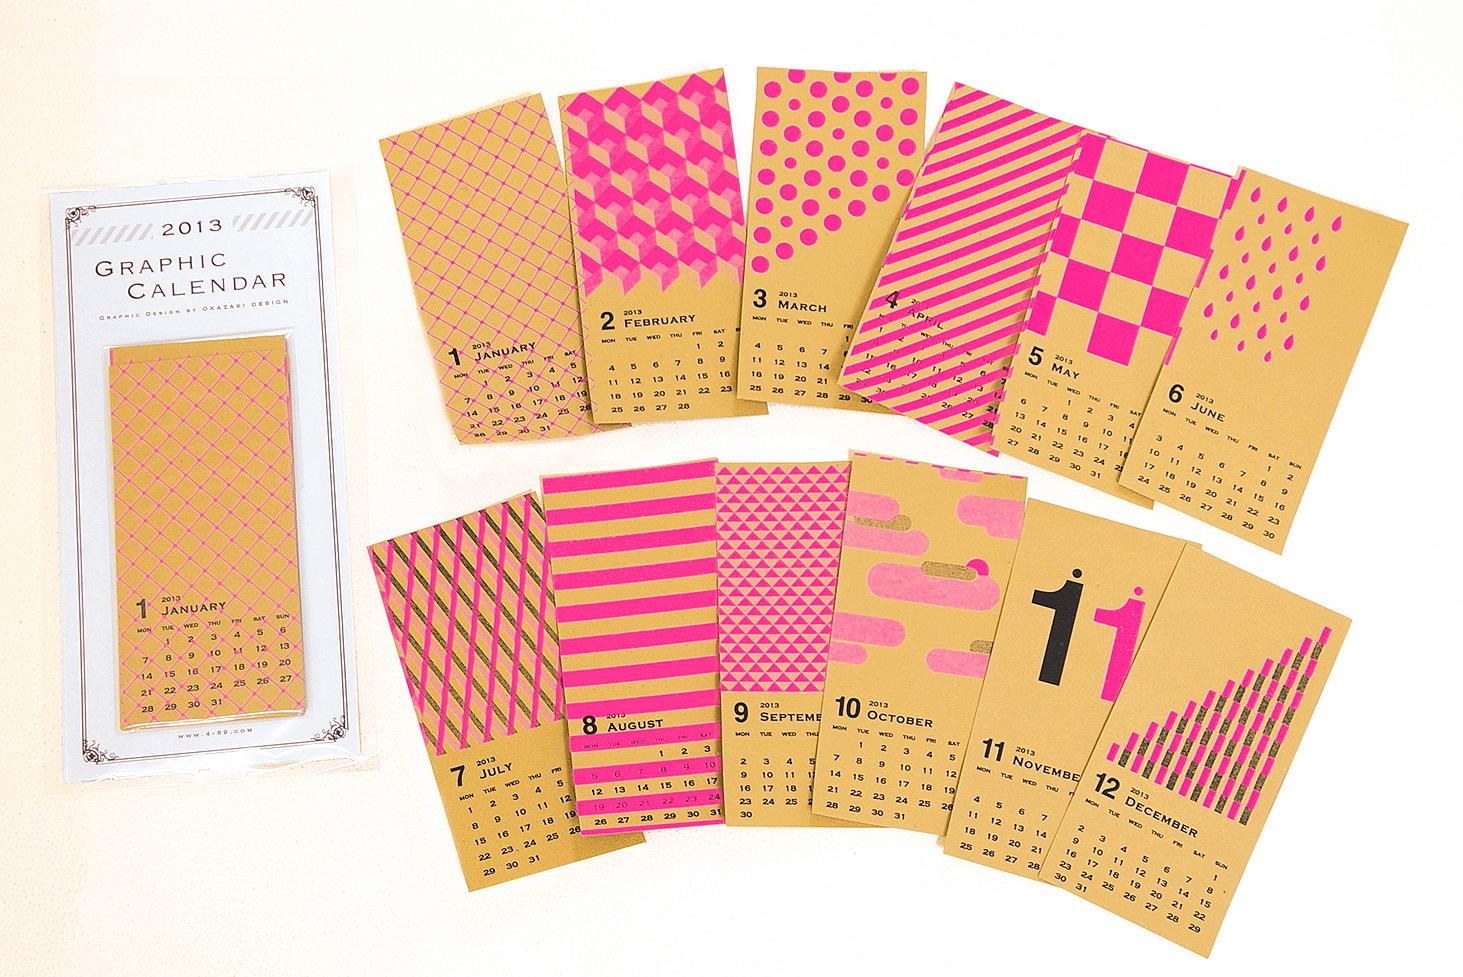 カレンダー 2013 11 カレンダー : 2013年グラフィックカレンダー ...